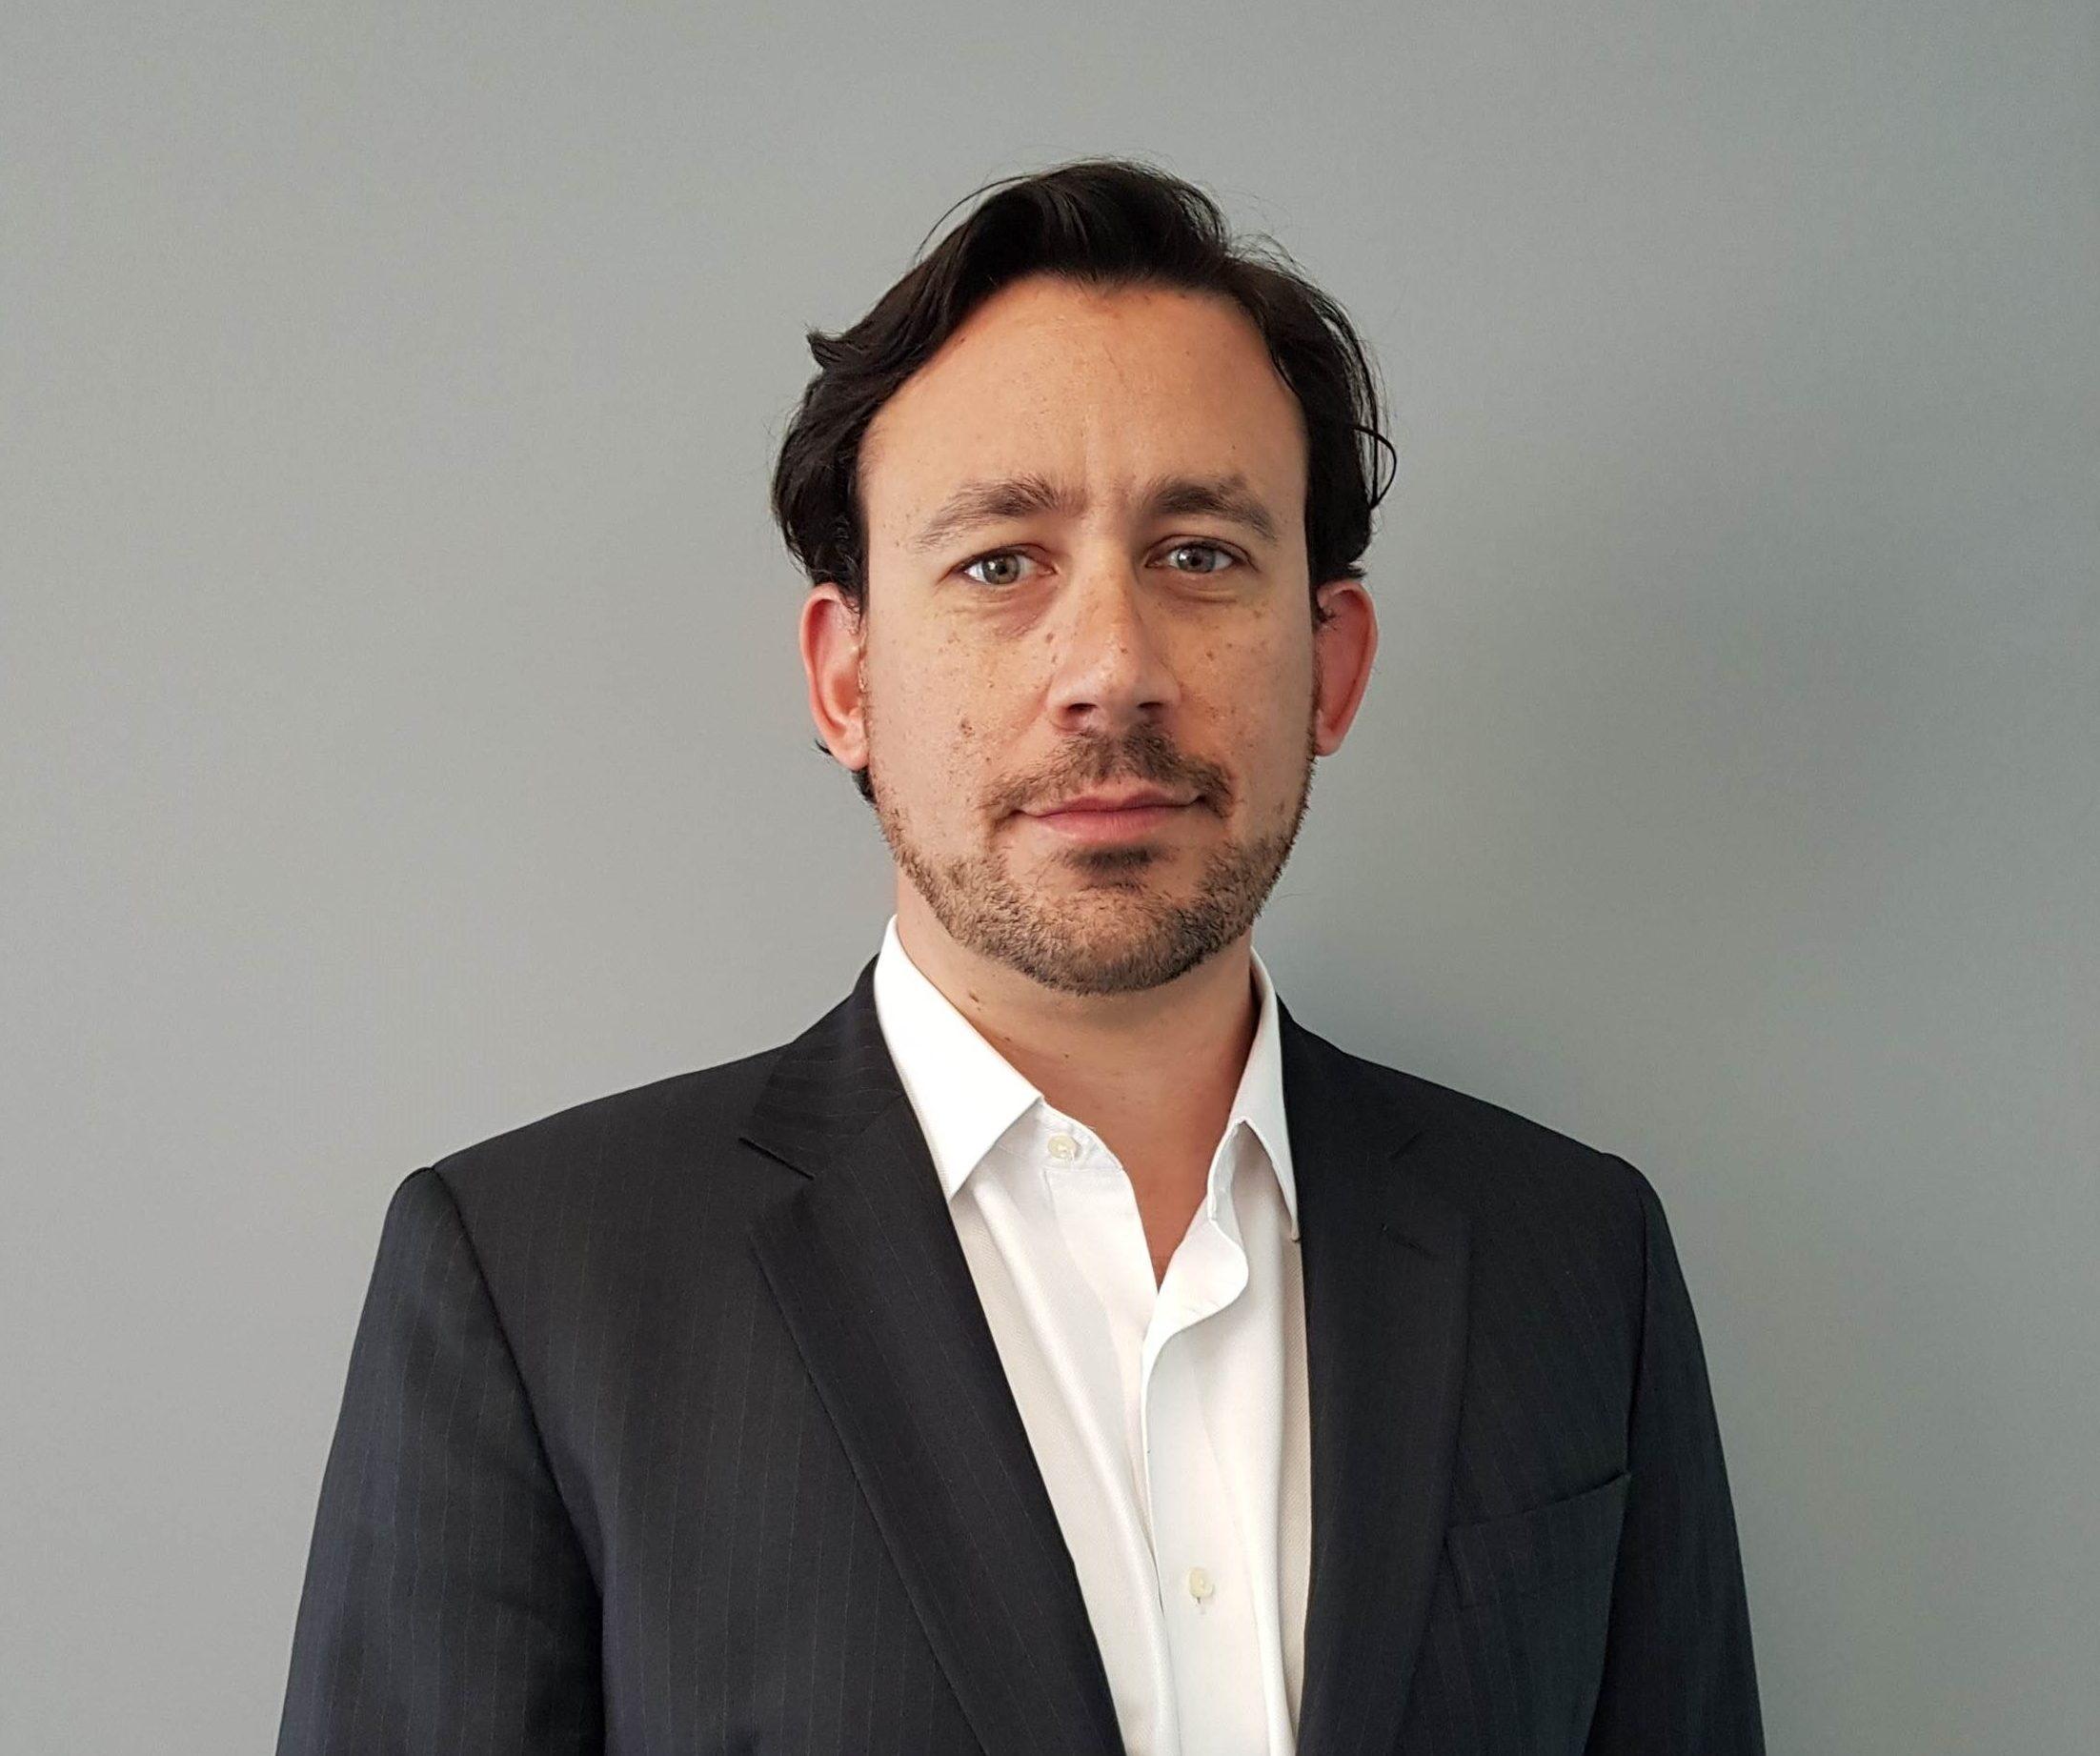 Rubén Gennero